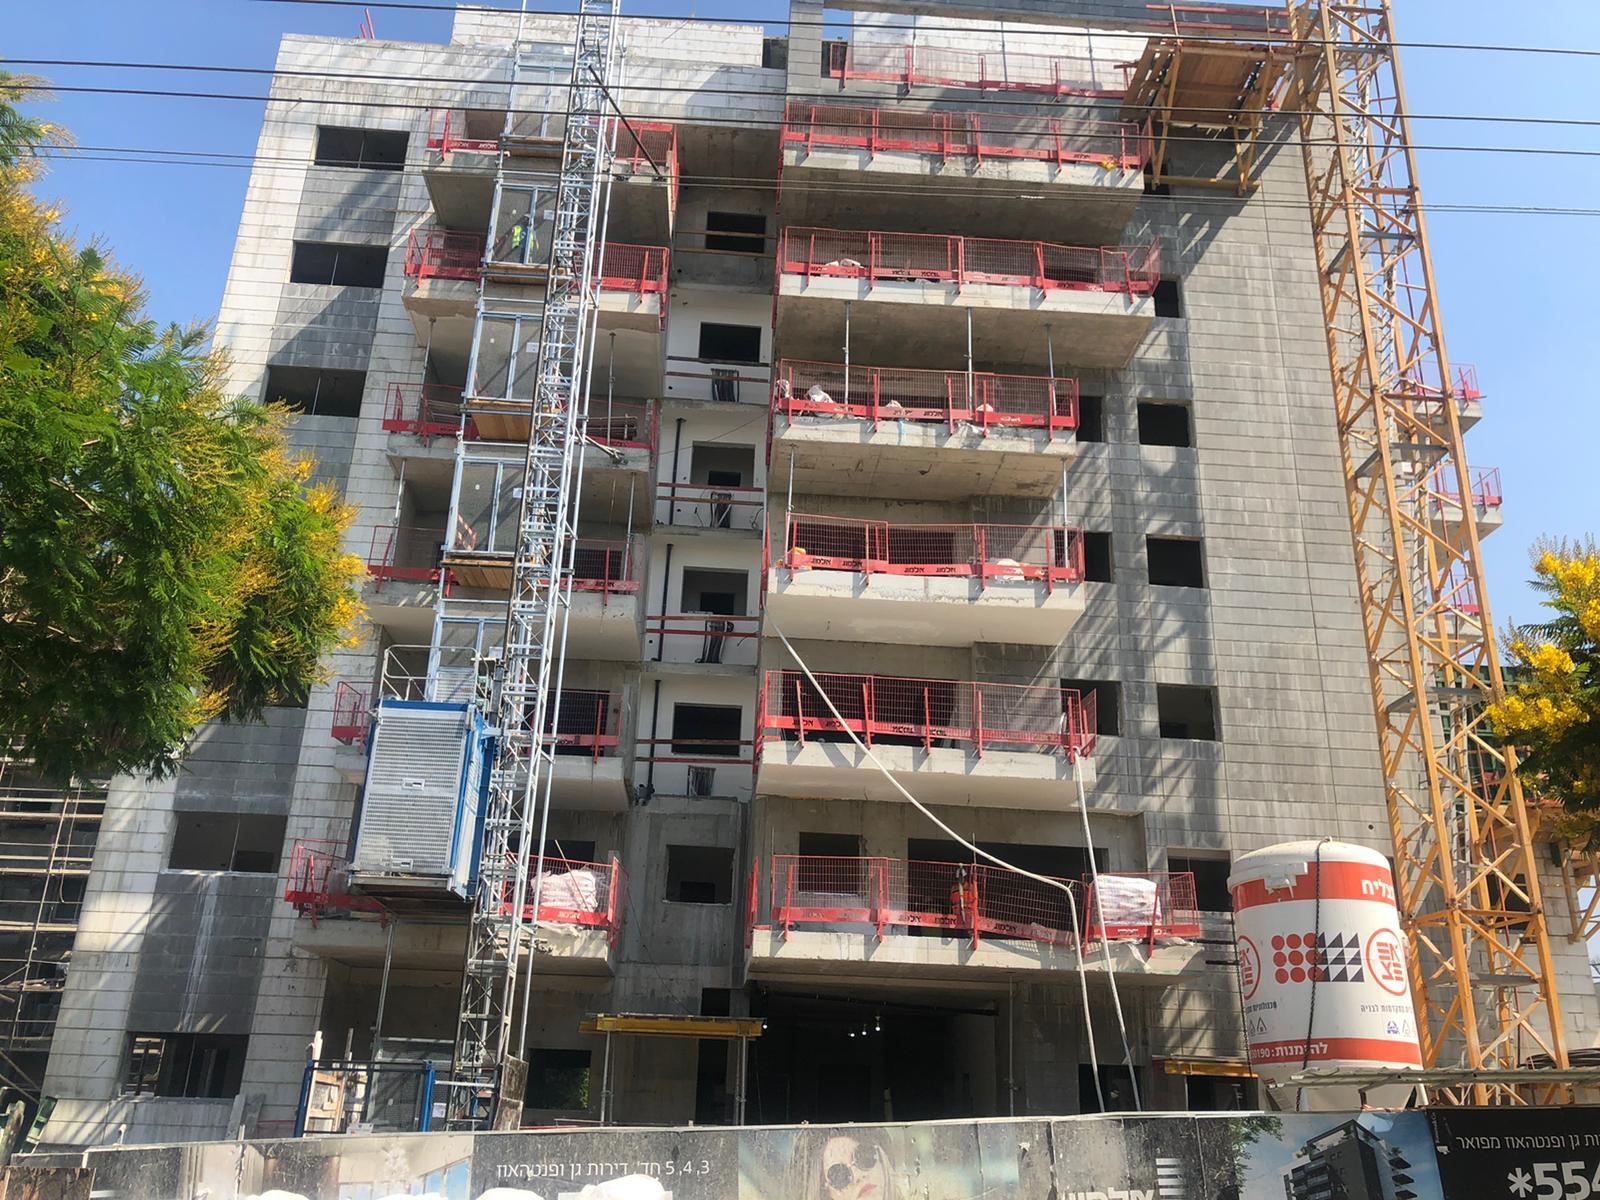 עבודות סיום שלד חשמל ואינסטלציה קומות 5,6  התחלת עבודות ריצוף 08.07.2021